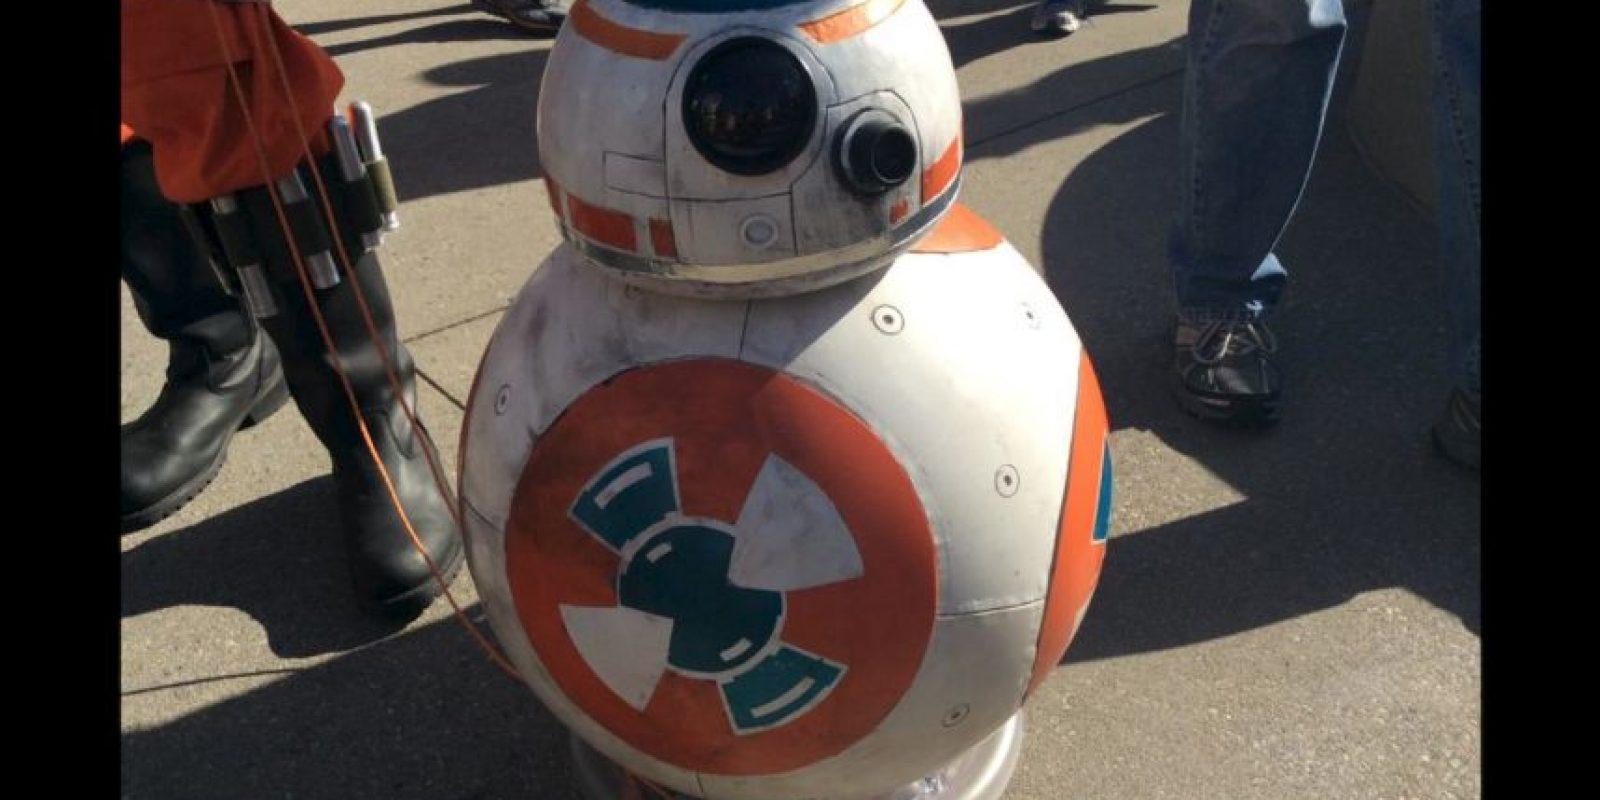 El personaje fue creado entre Disney y George Lucas, dueño y creador de la historia. Foto:twitter.com/fayerwayer/